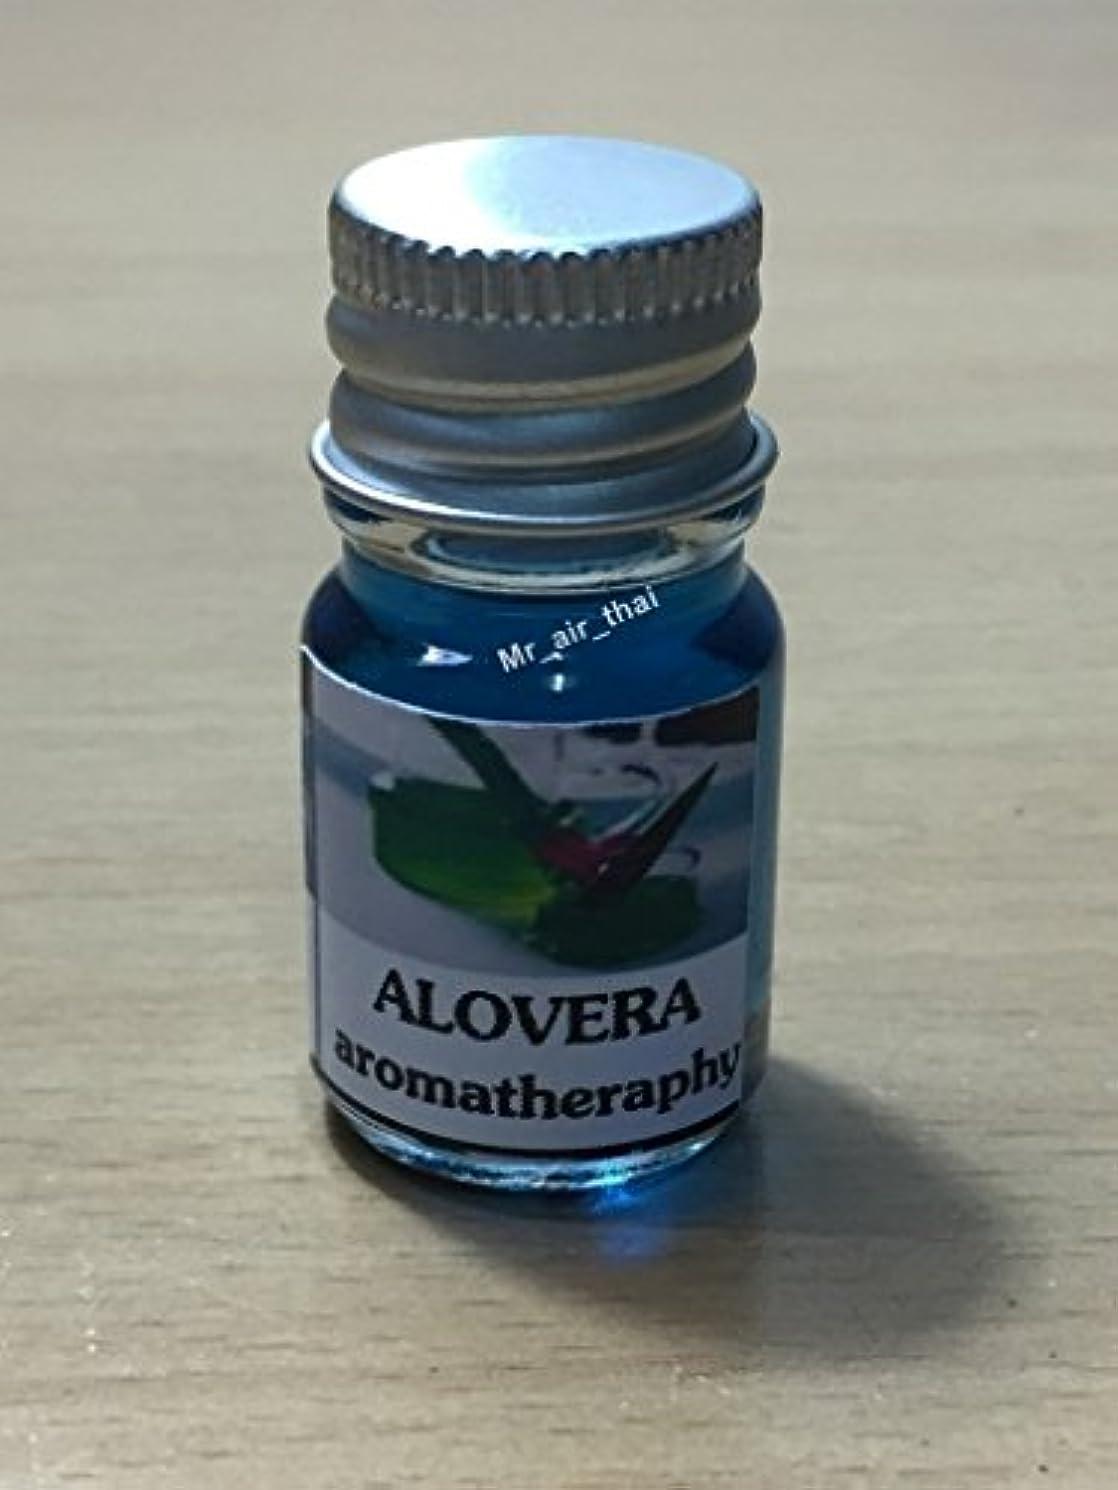 中傷モート自明5ミリリットルアロマアロエフランクインセンスエッセンシャルオイルボトルアロマテラピーオイル自然自然5ml Aroma Alovera Frankincense Essential Oil Bottles Aromatherapy...